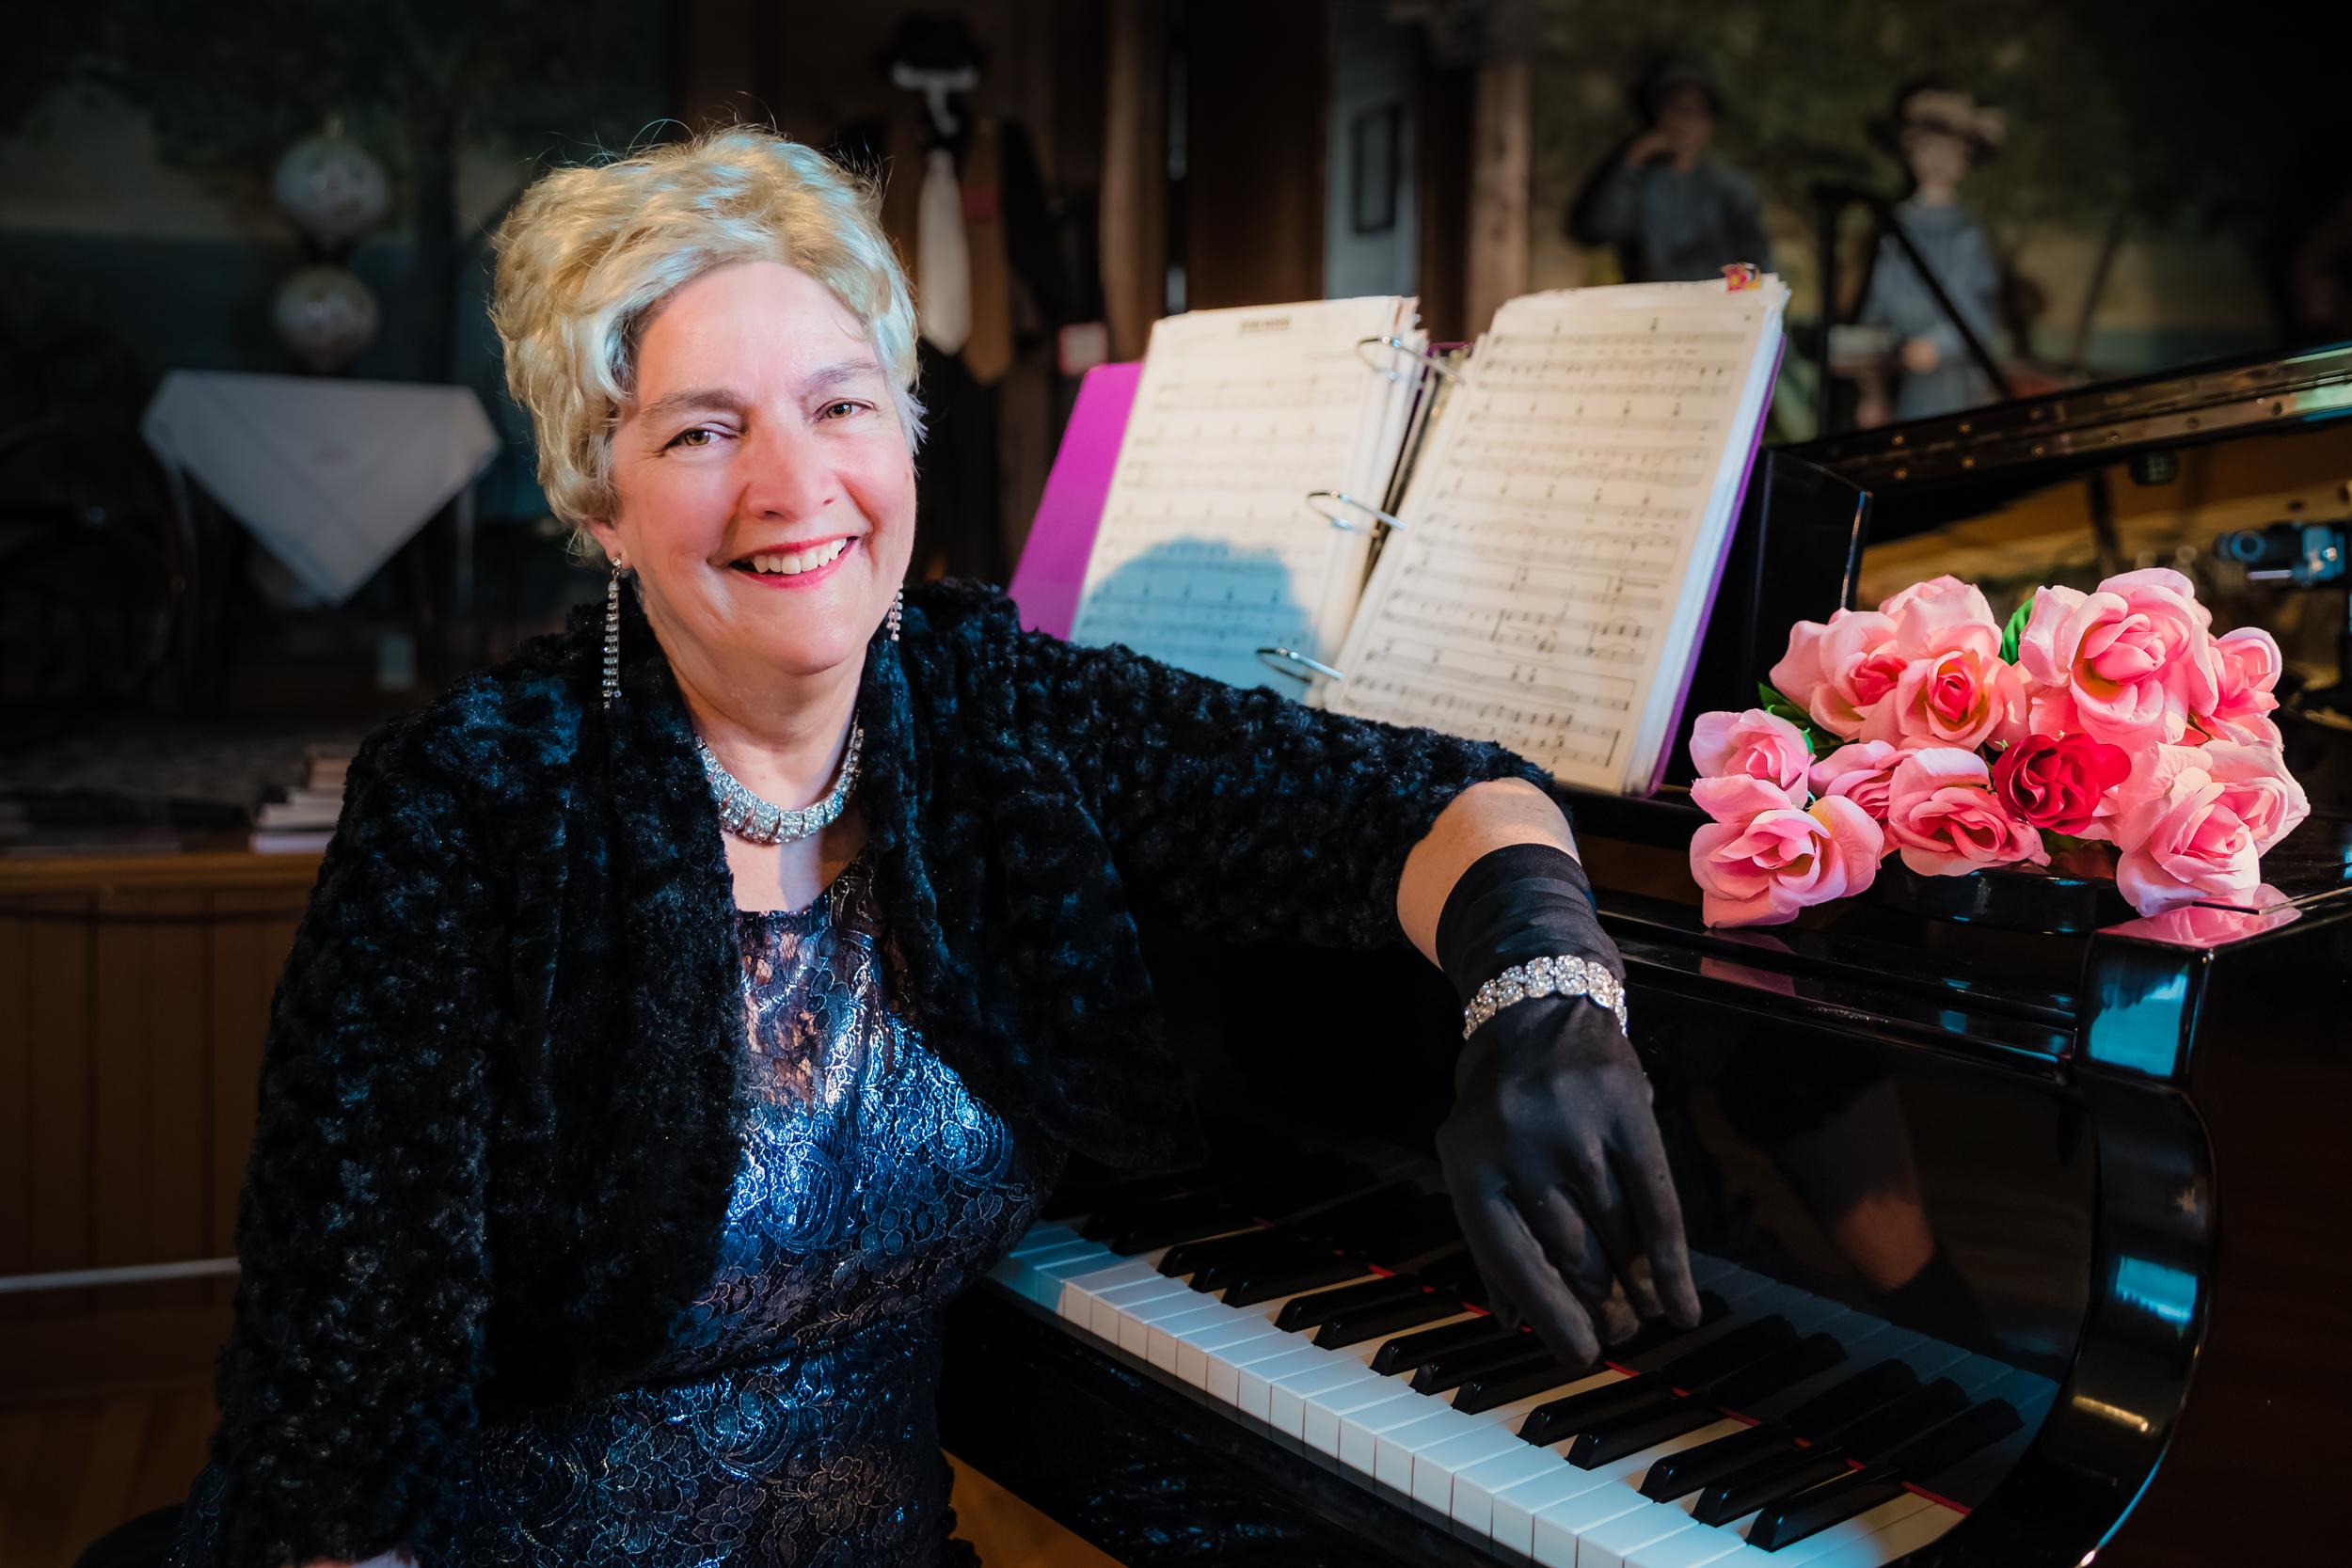 woman_piano